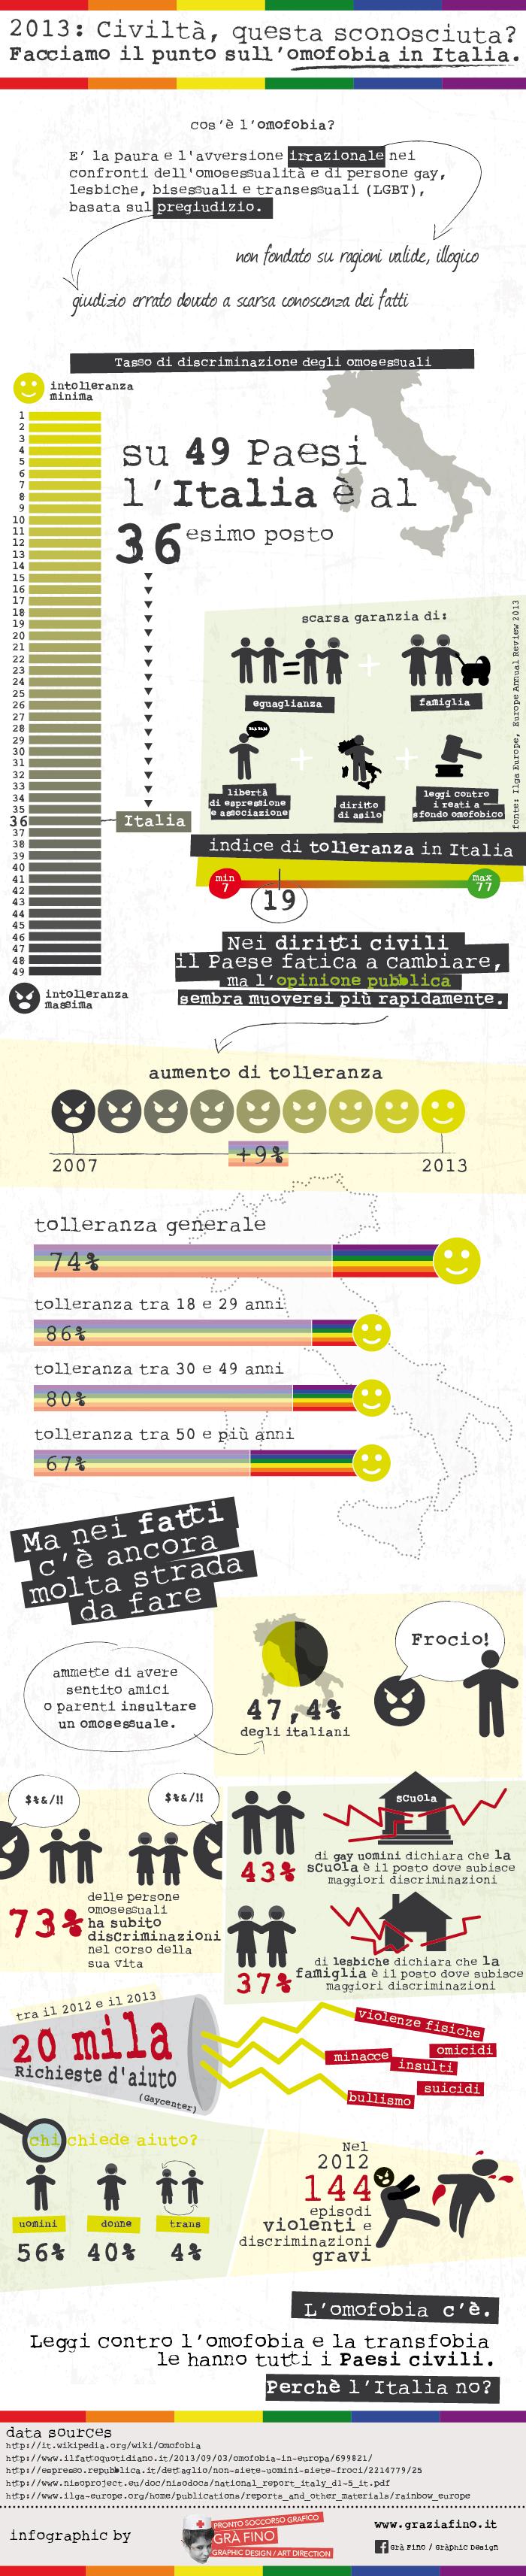 Infografica-Omofobia-grafino